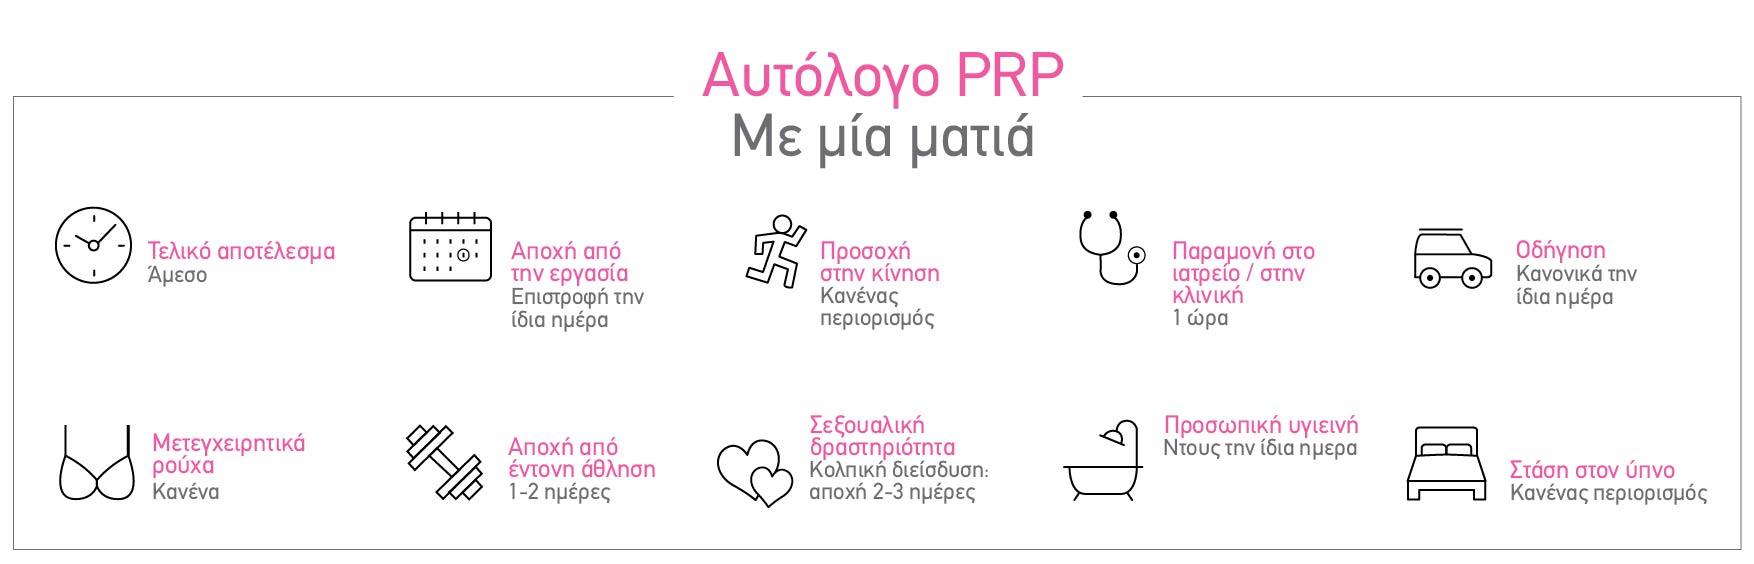 Αυτόλογο PRP